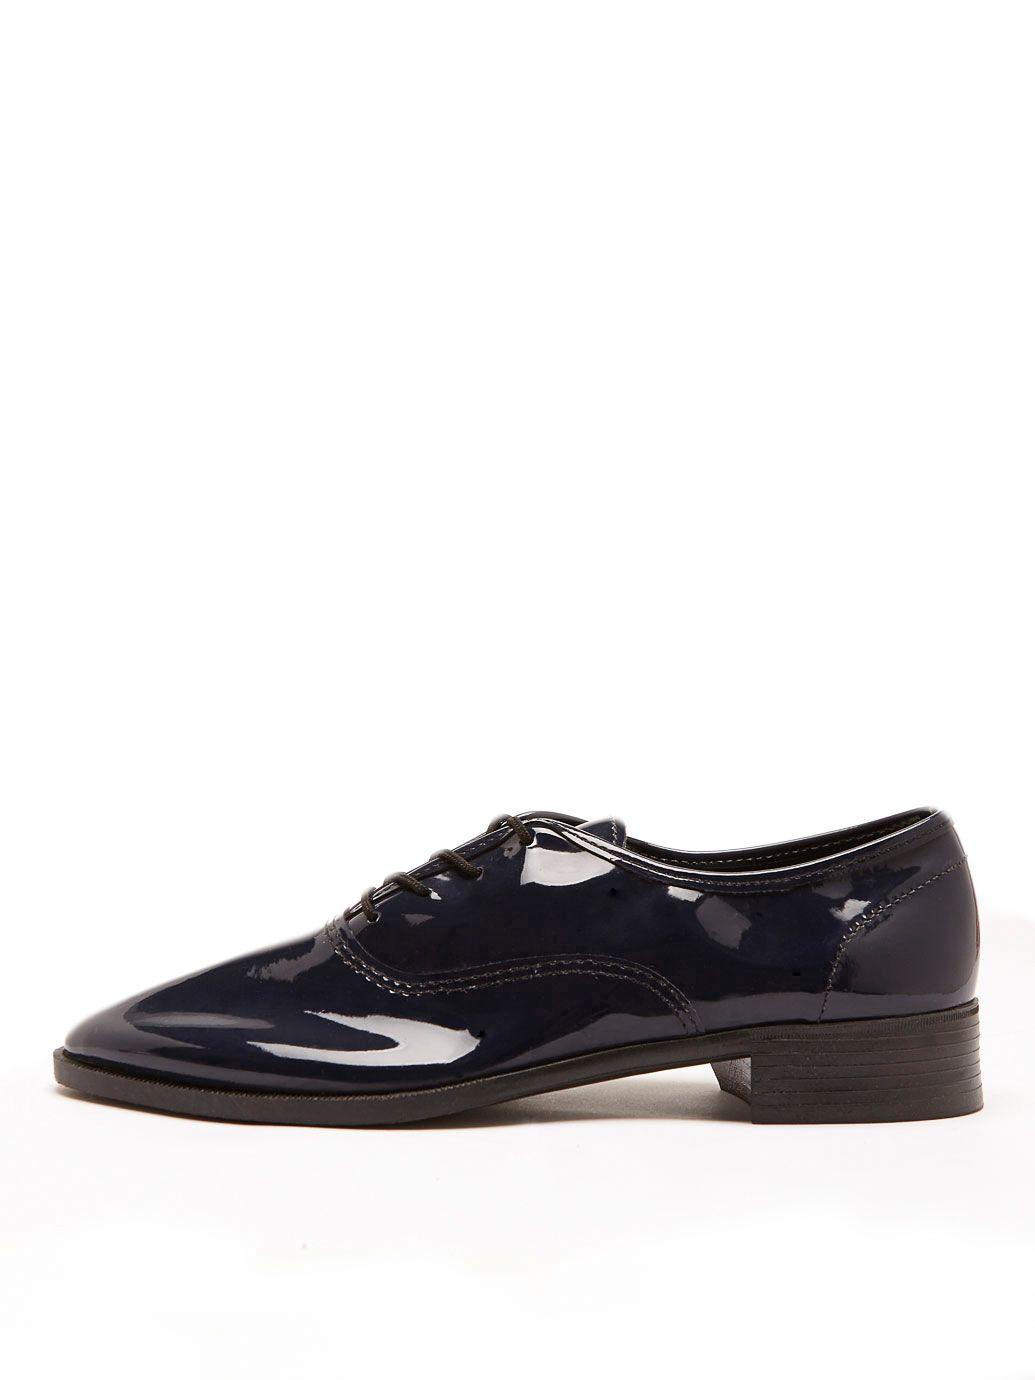 danceshew – Women's Dancing Shoe